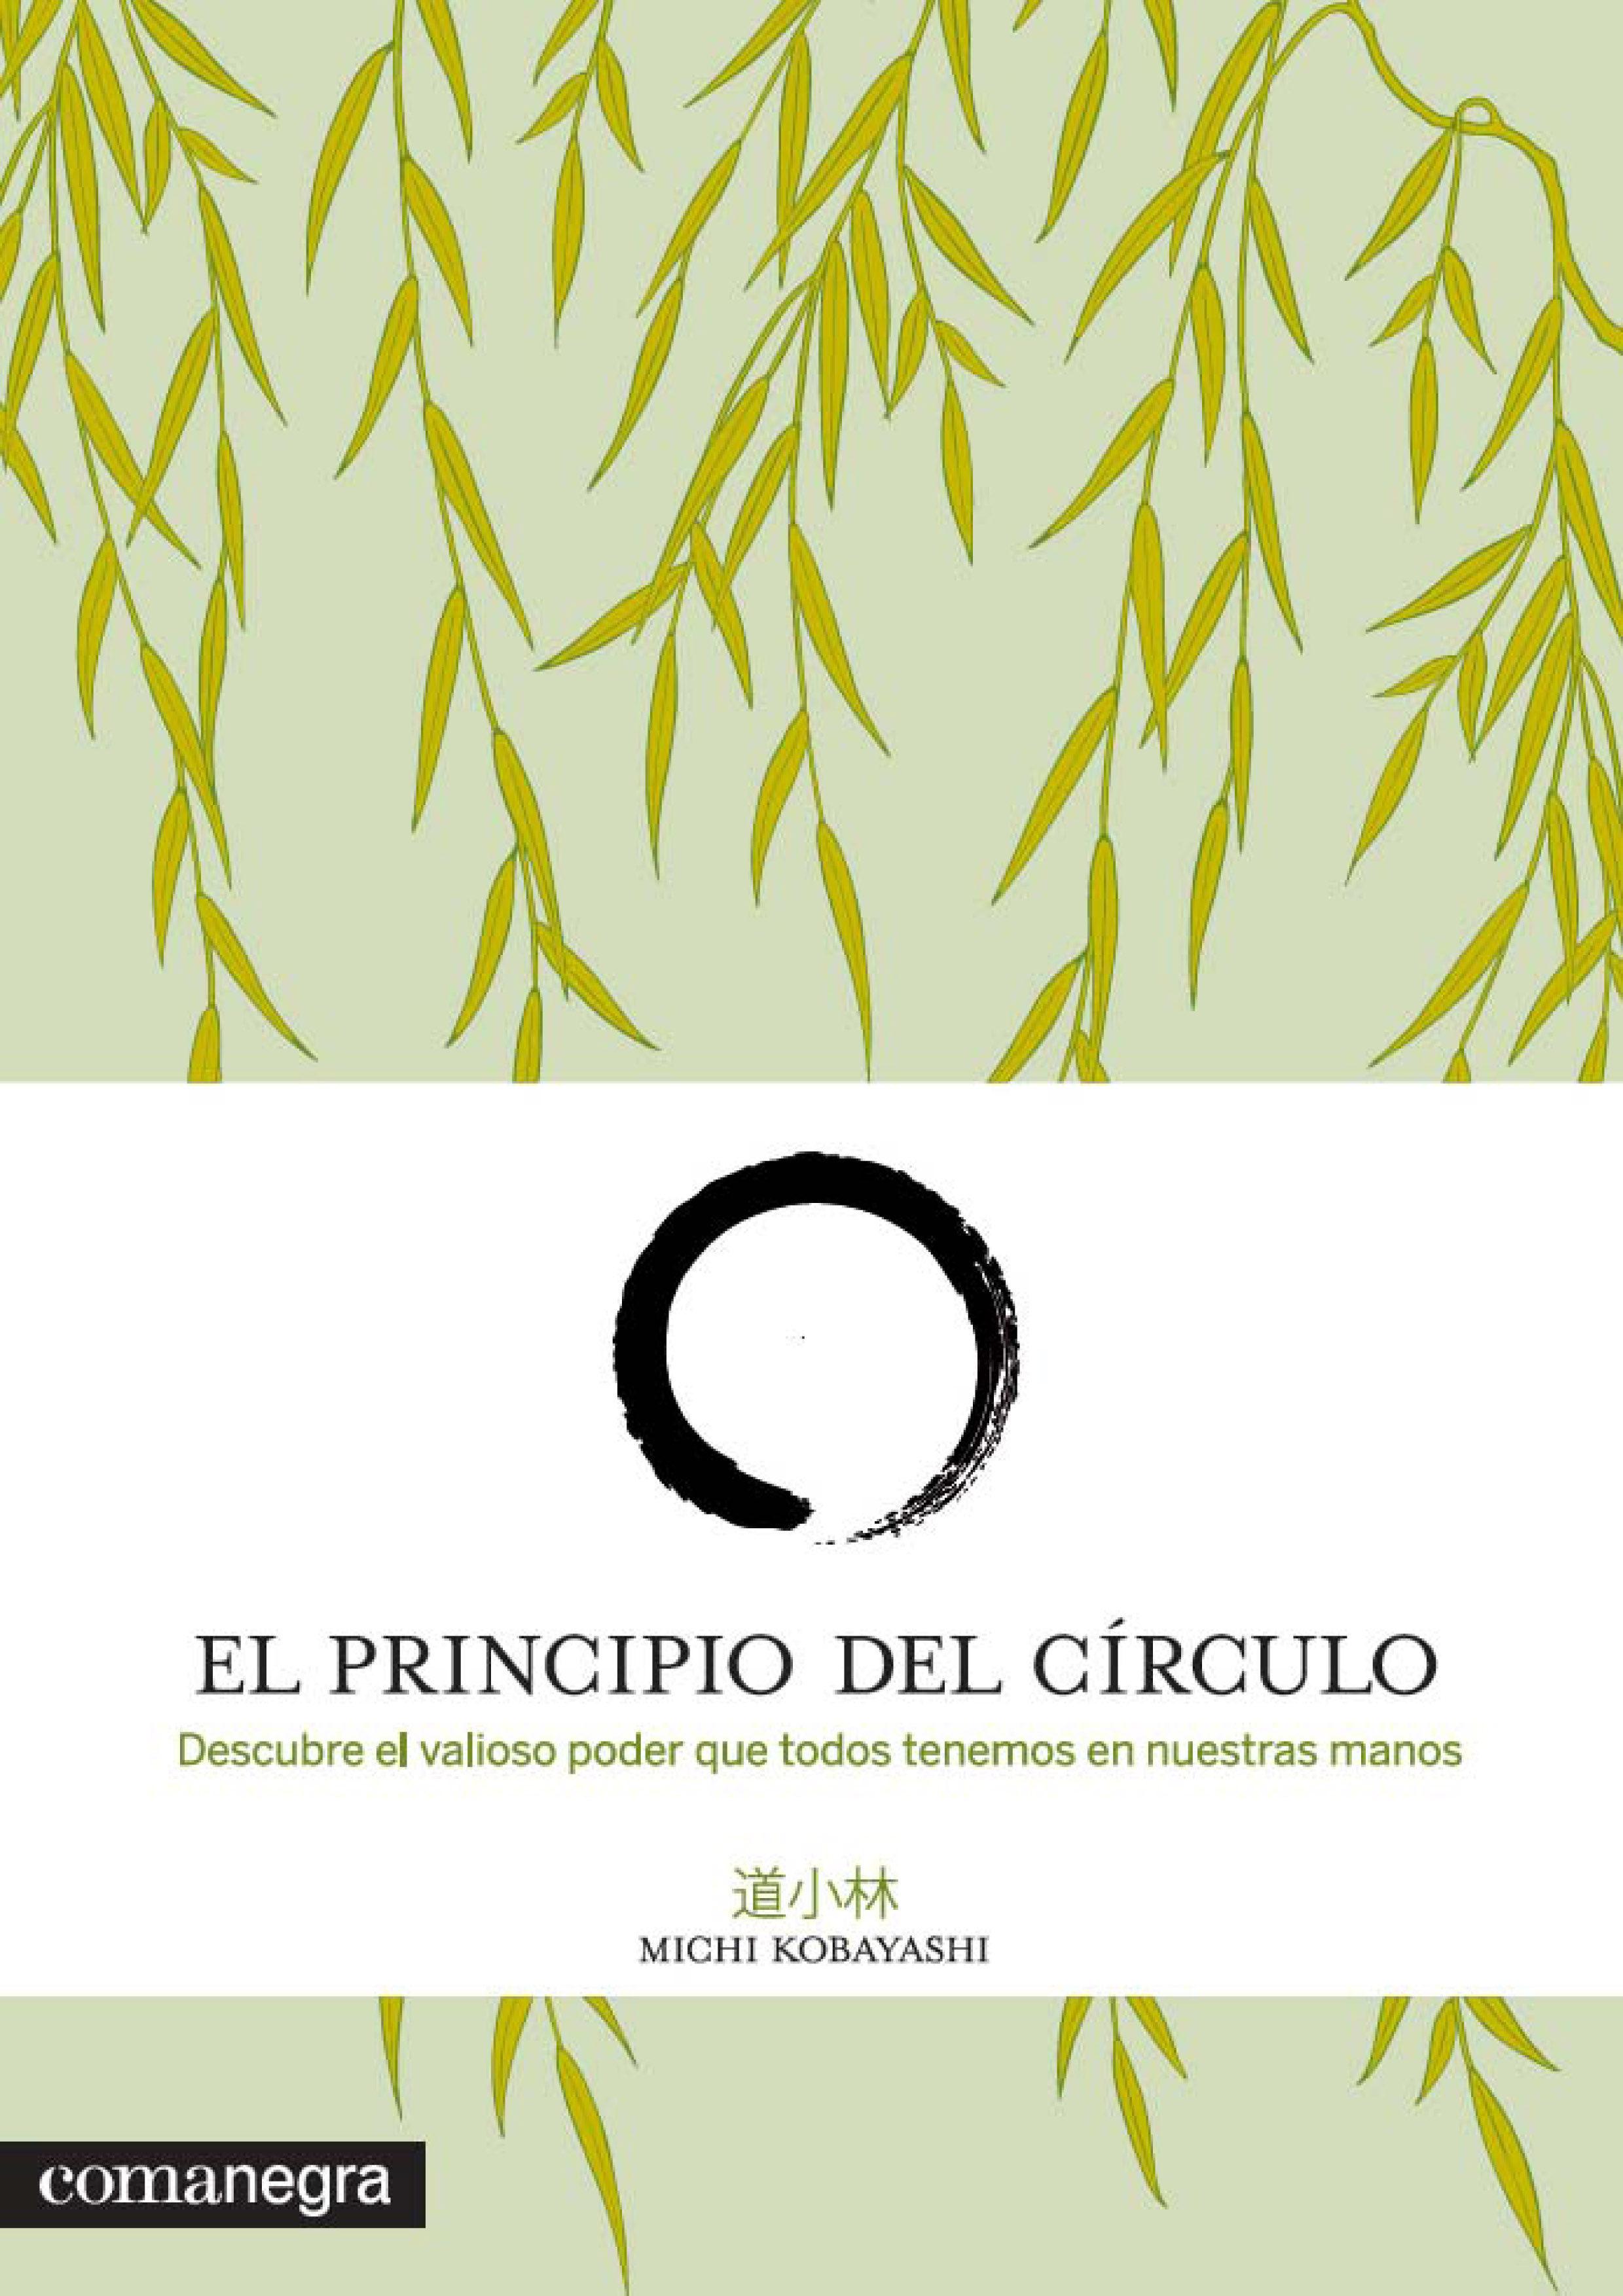 EL PRINCIPIO DEL CIRCULO